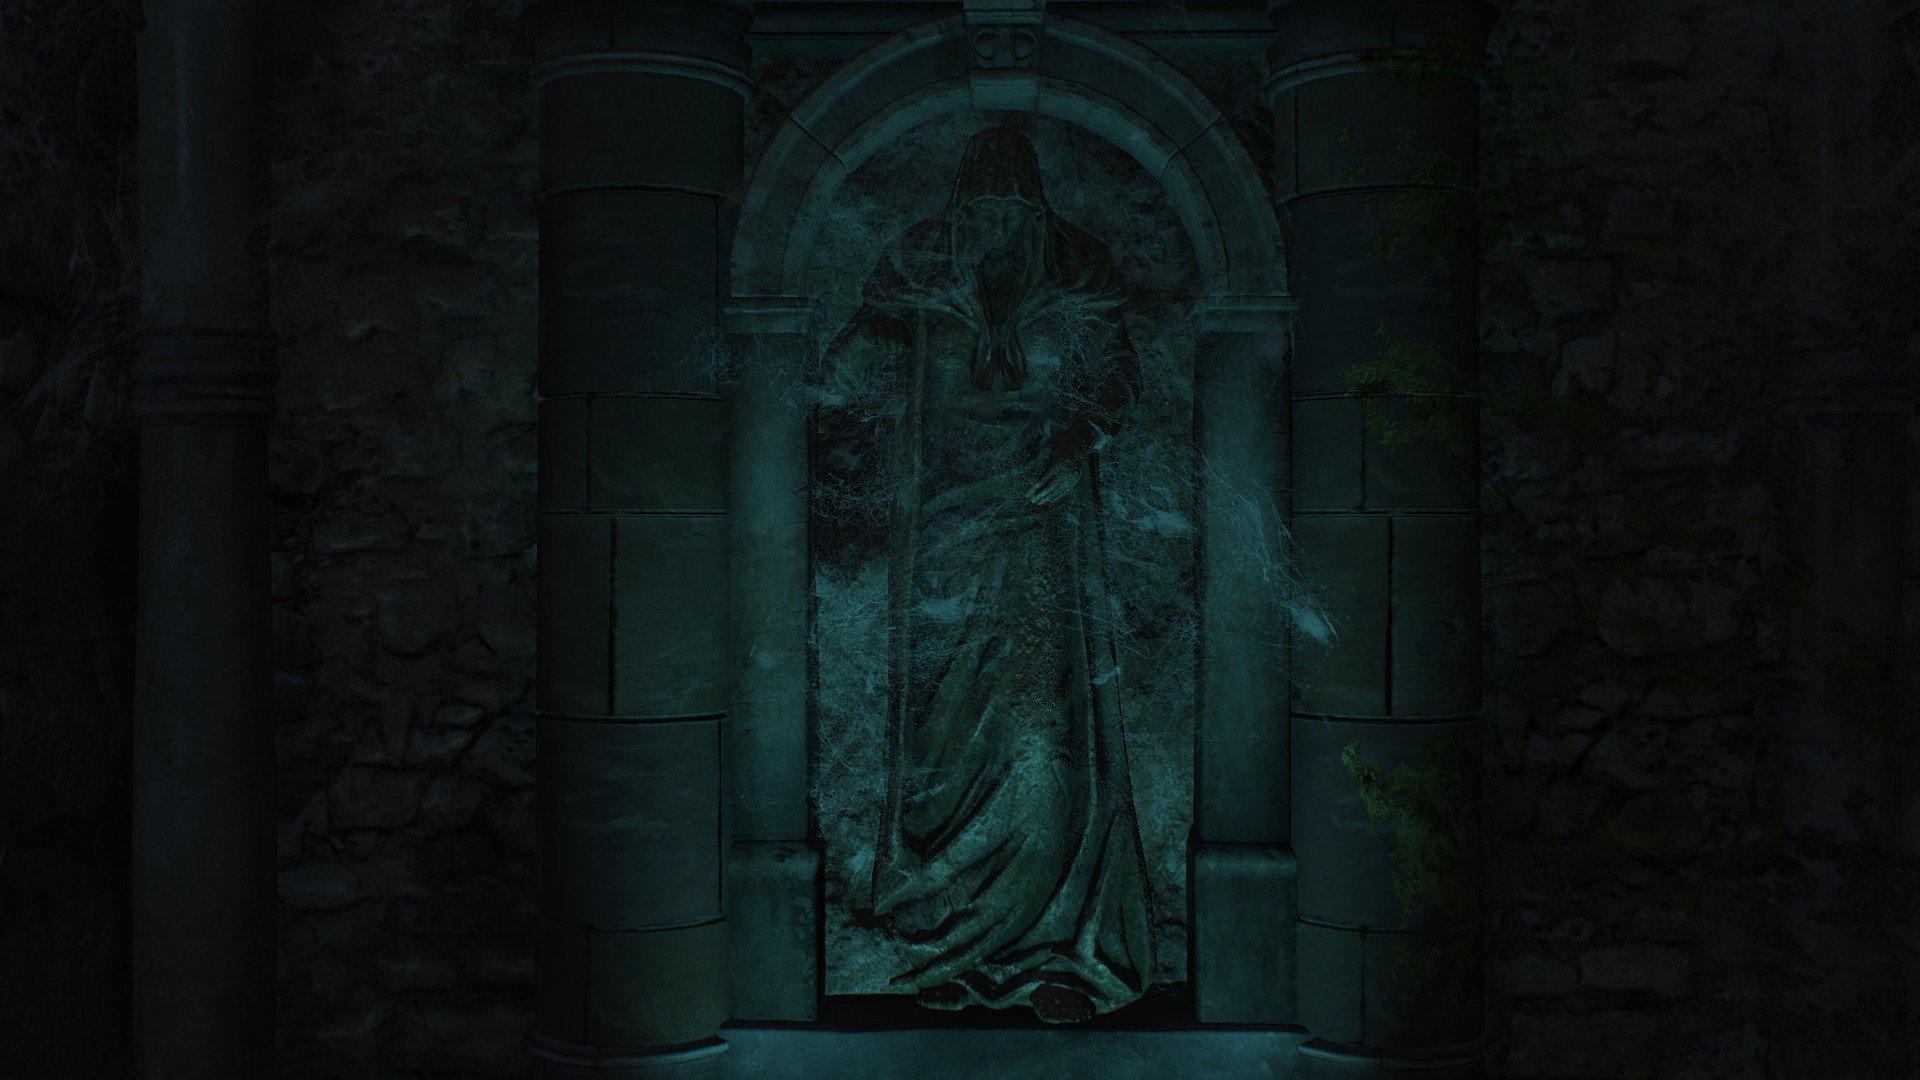 Вопль-прохождение Witcher 3: Кровь и Вино ... ФИНАЛ!!! [ВНИМАНИЕ, СПОЙЛЕРЫ] - Изображение 2